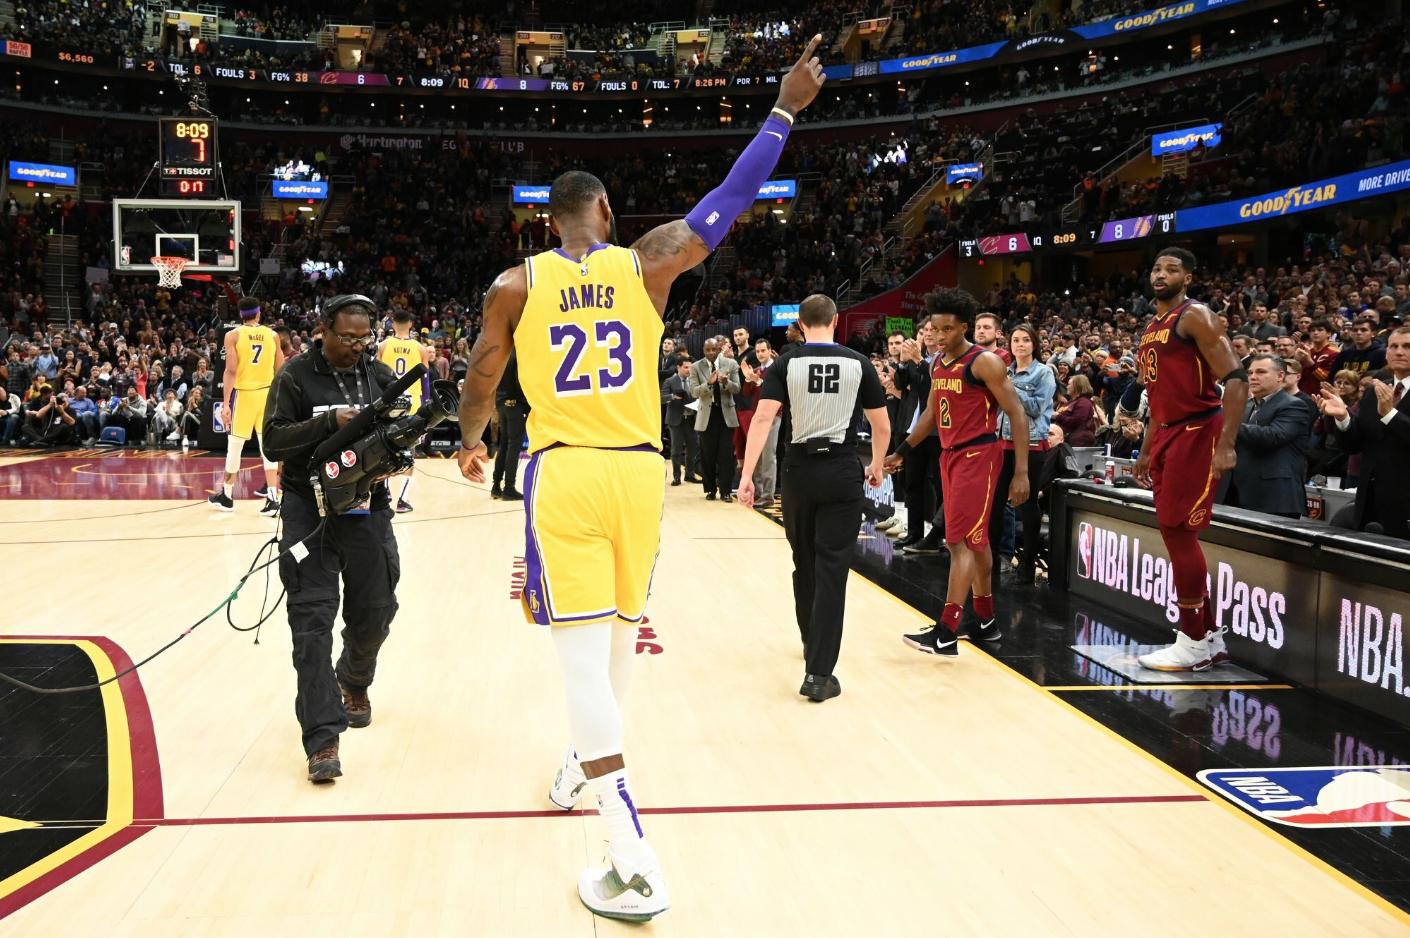 Không chỉ thi đấu bết bát, Cleveland Cavaliers còn bị ảnh hưởng kinh tế nặng nề sau khi LeBron James ra đi - Ảnh 1.